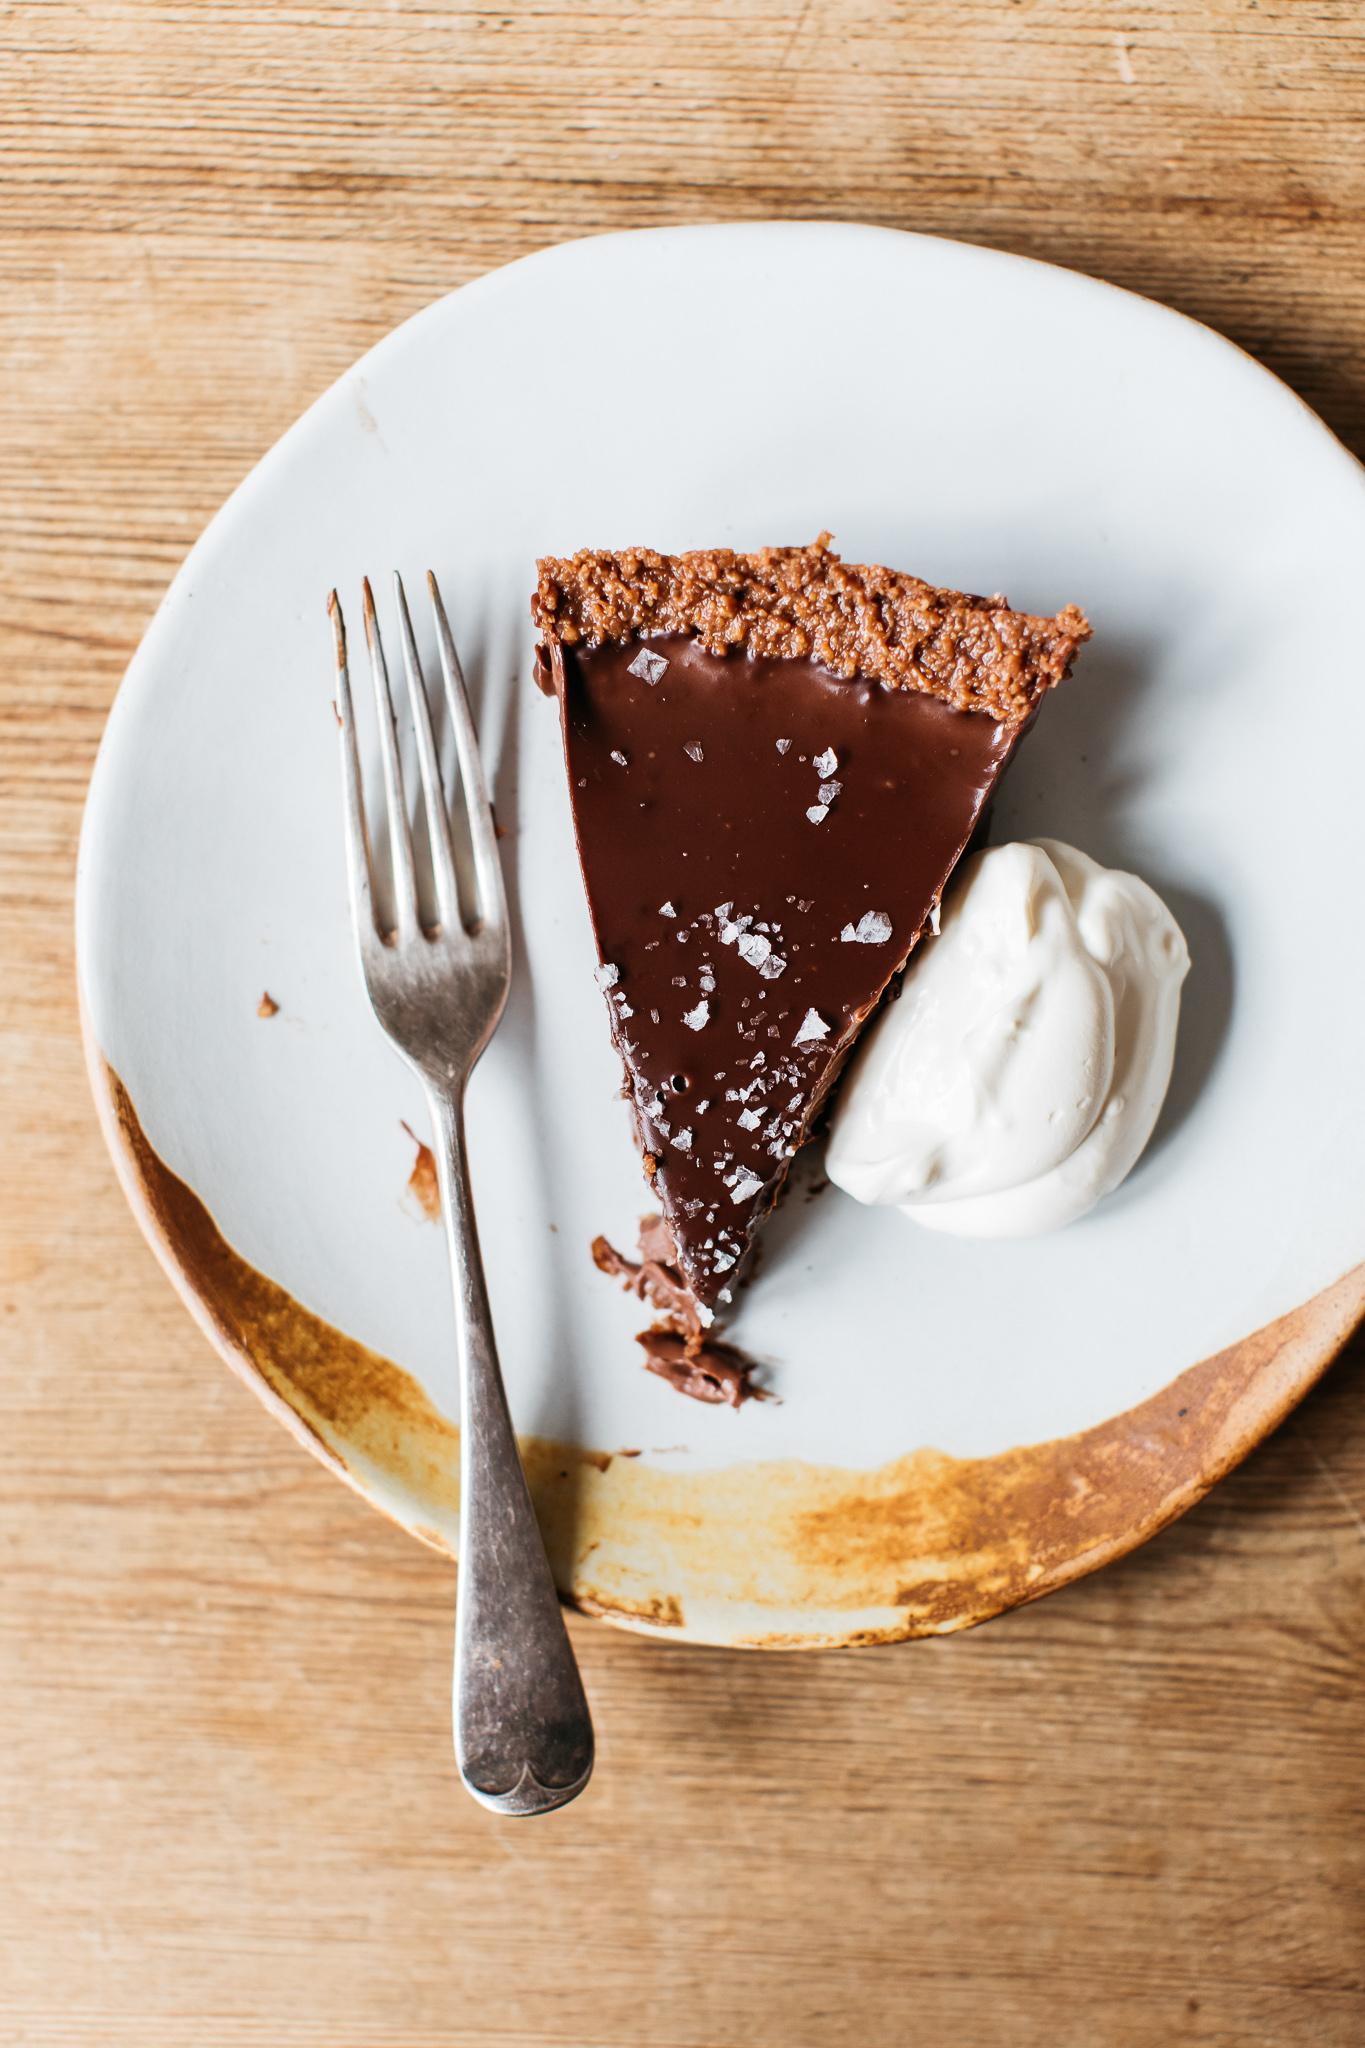 Low FODMAP no bake salted chocolate tart